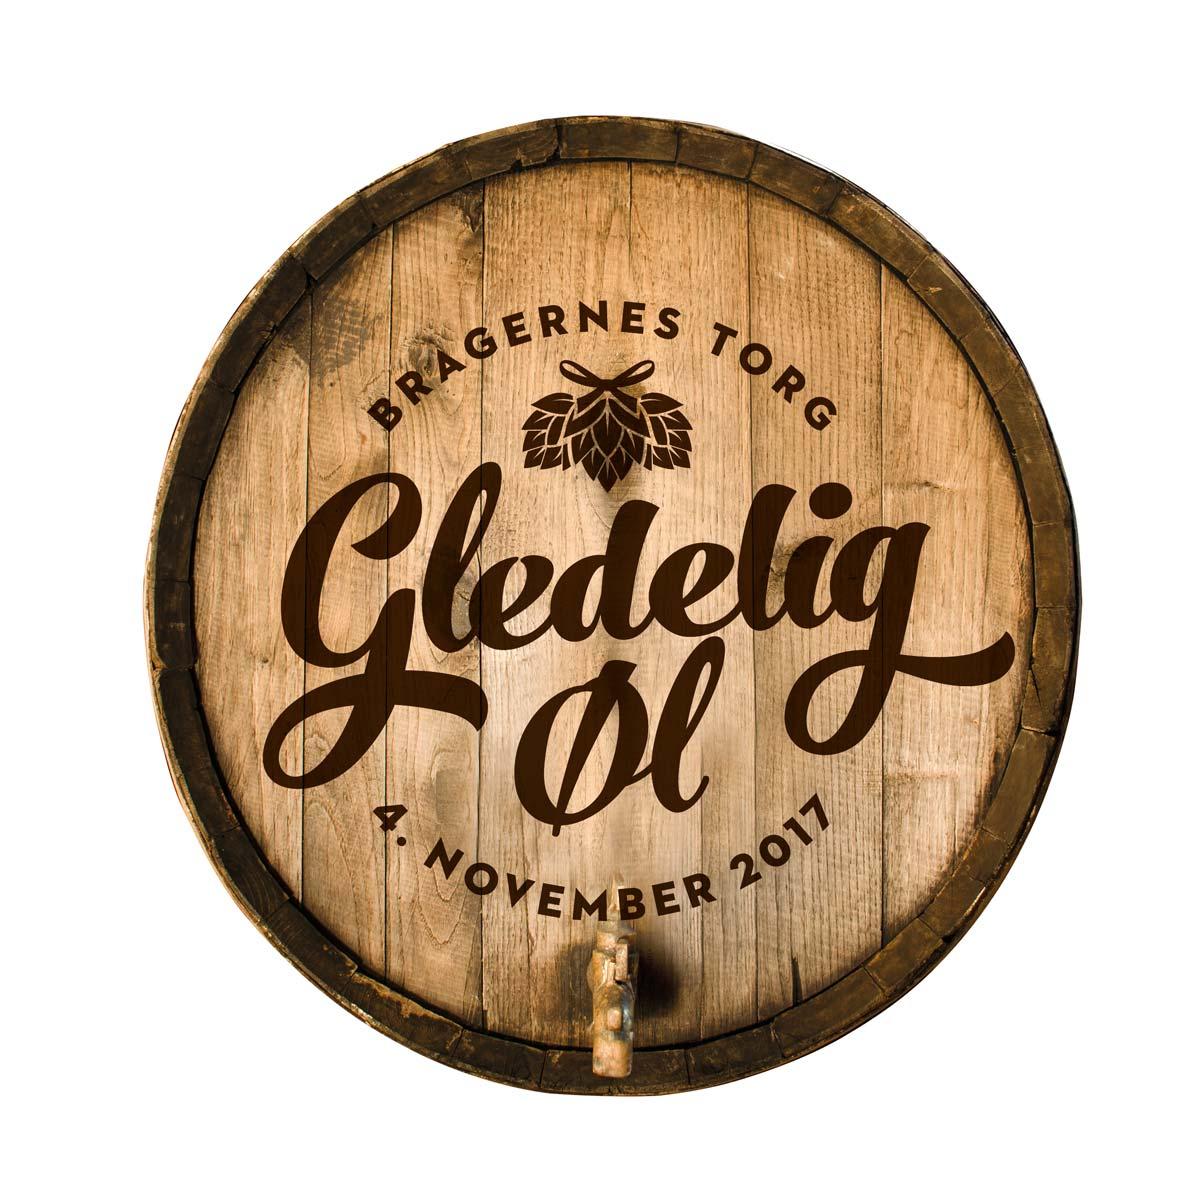 Gledelig øl logo